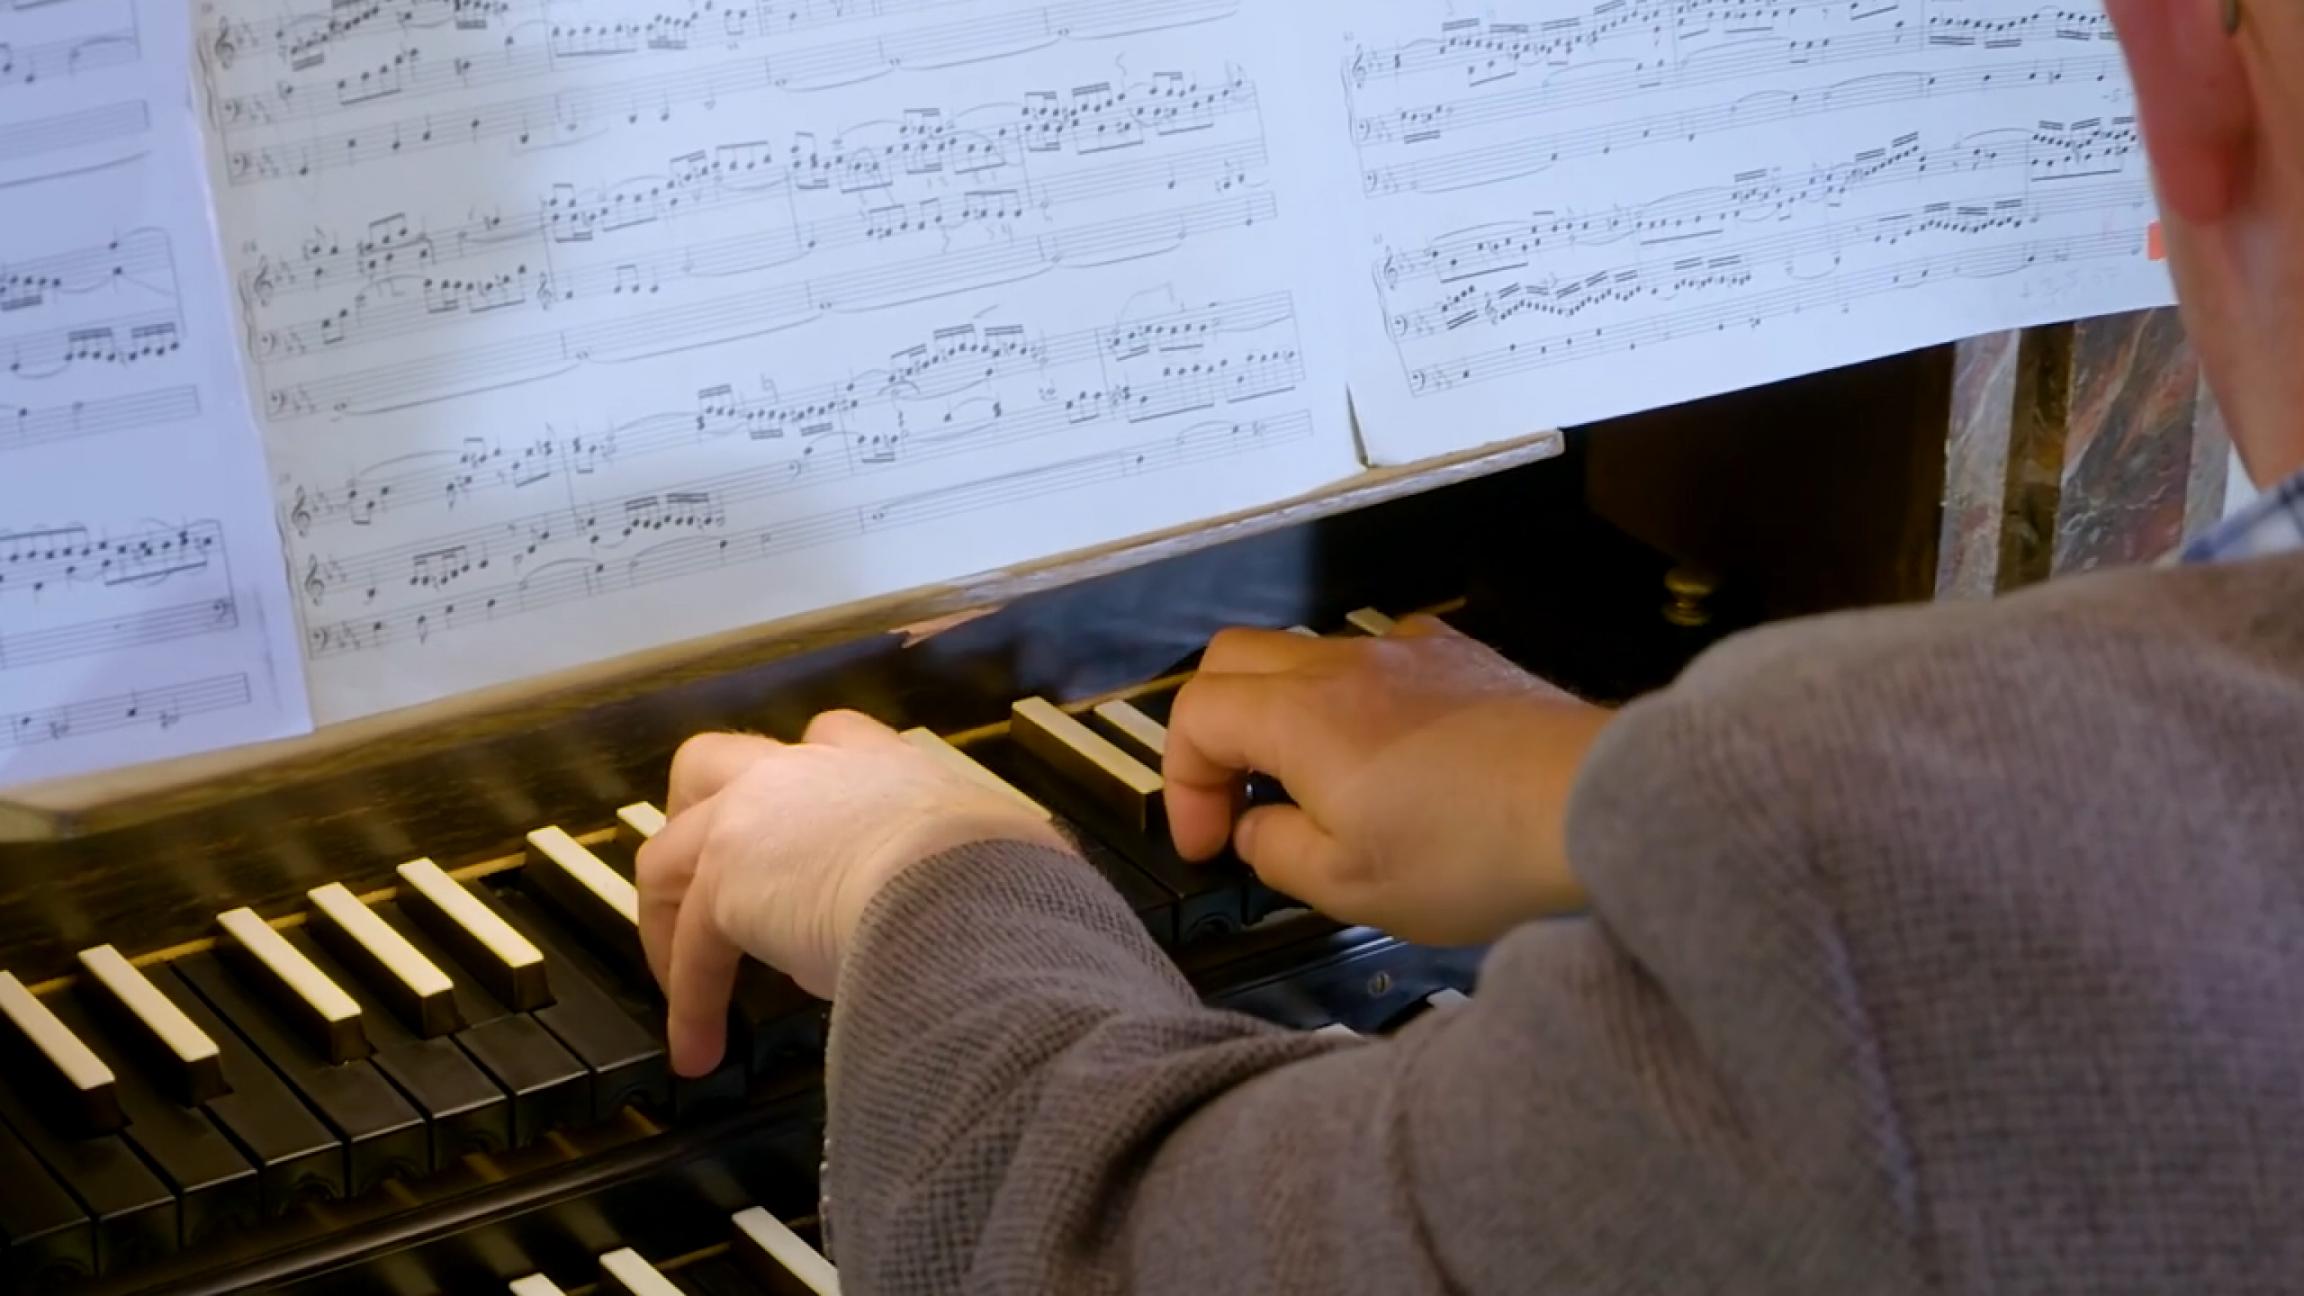 Fantasia and fugue in C minor